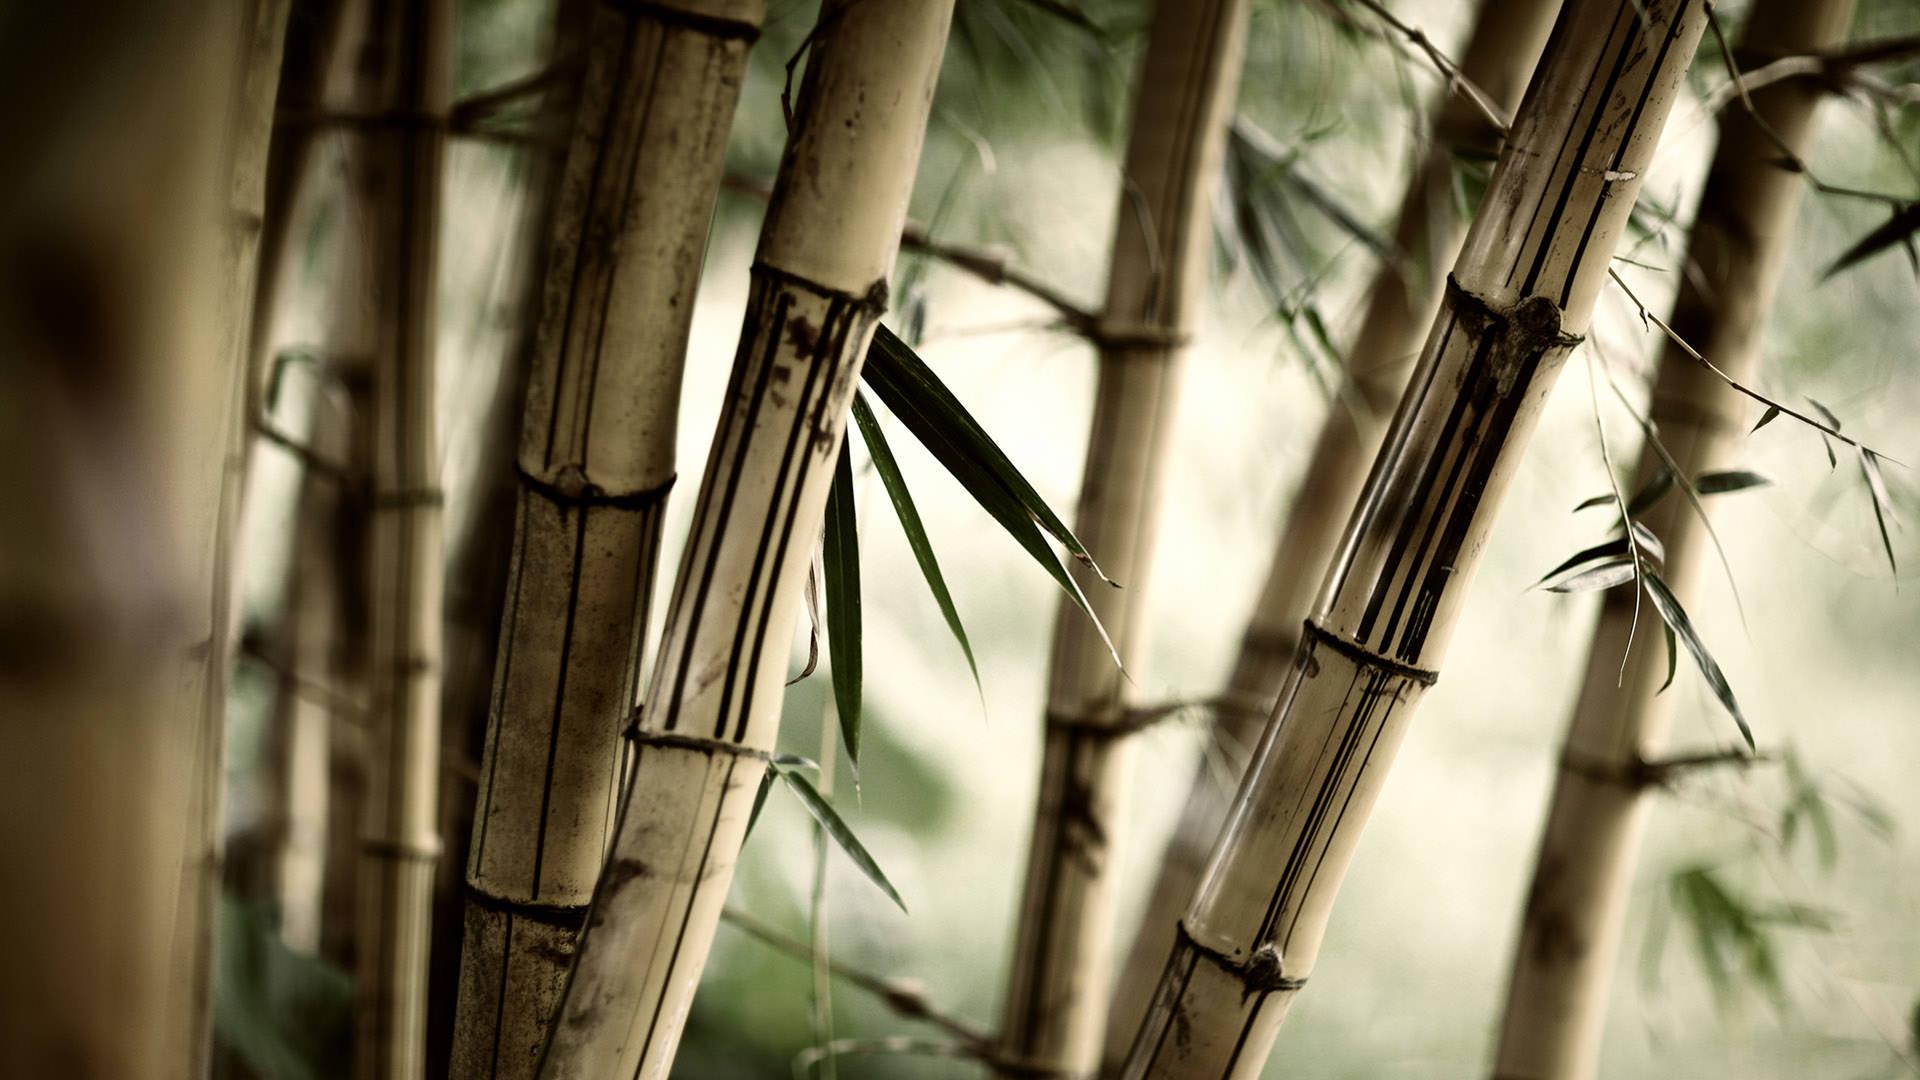 Бамбуковая роща лес бамбук